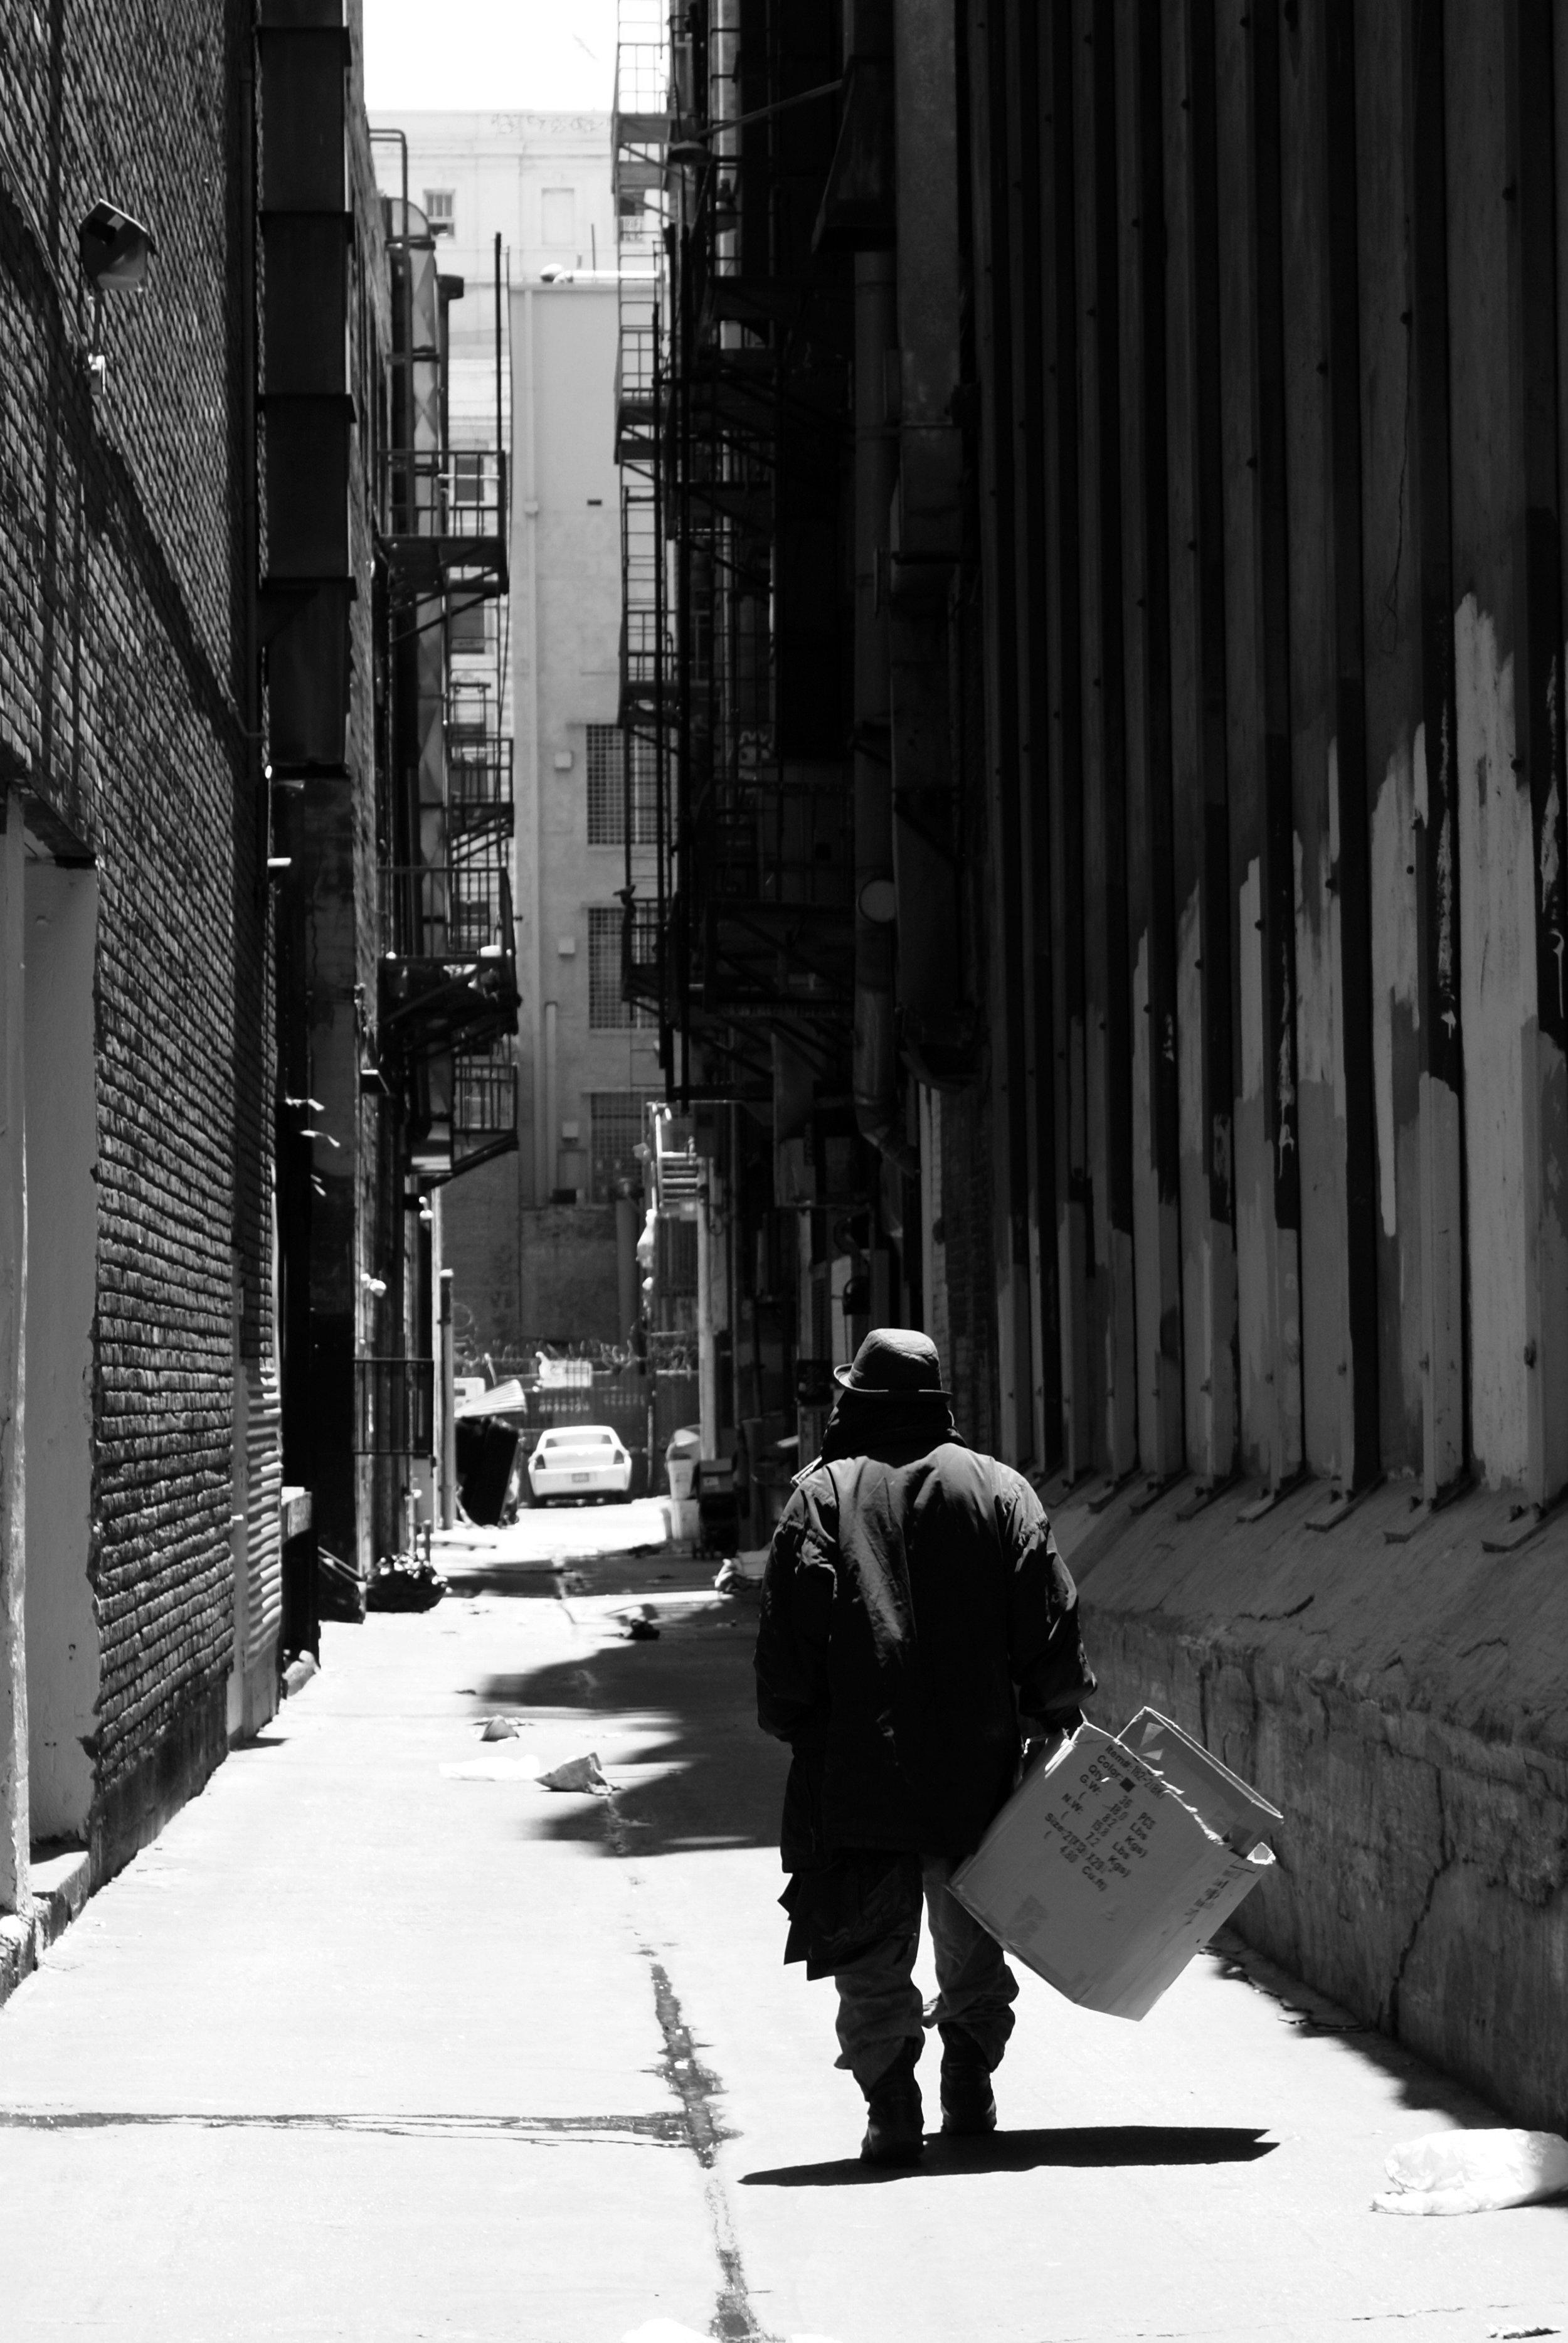 Jennifer, Street Photography